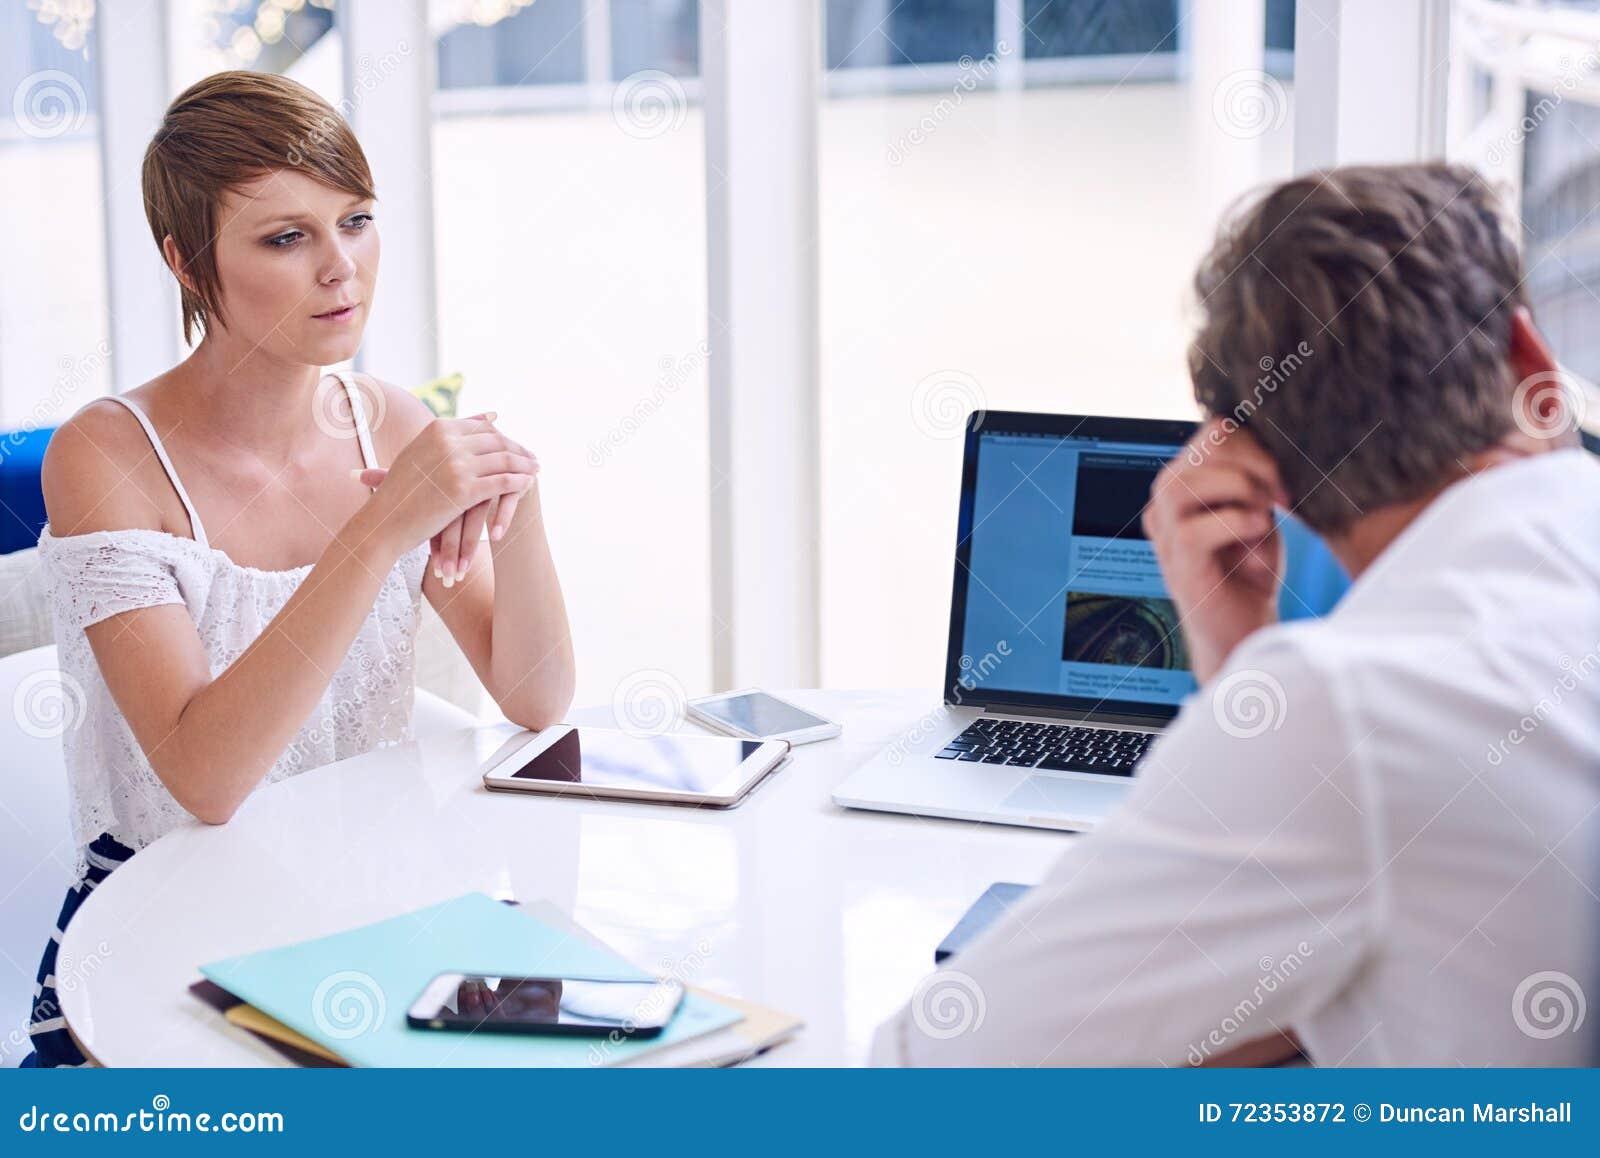 在男性和女性伙伴之间的明显的分歧在业务会议期间